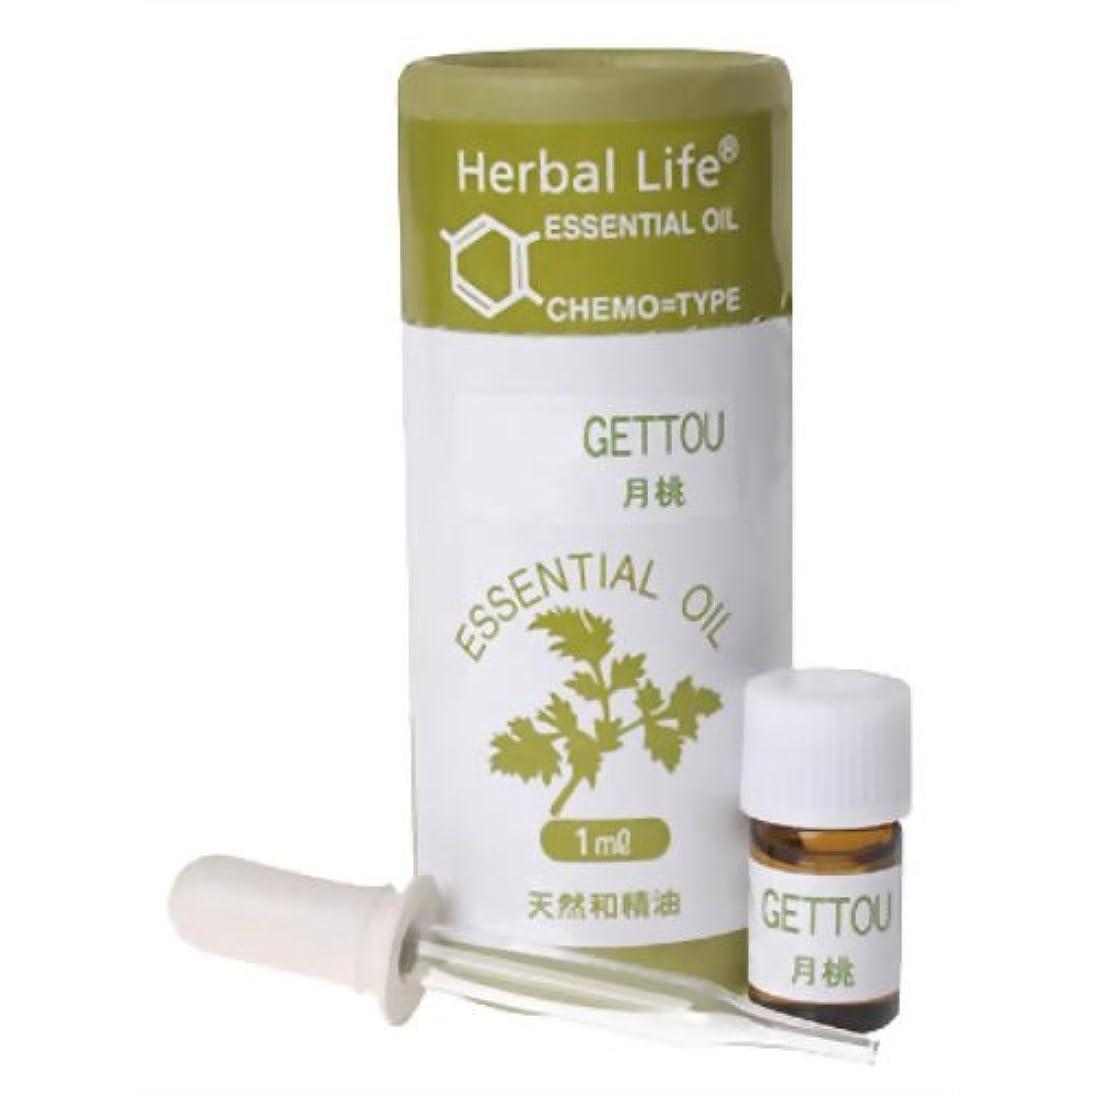 エネルギー未使用地獄生活の木 Herbal Life月桃 1ml